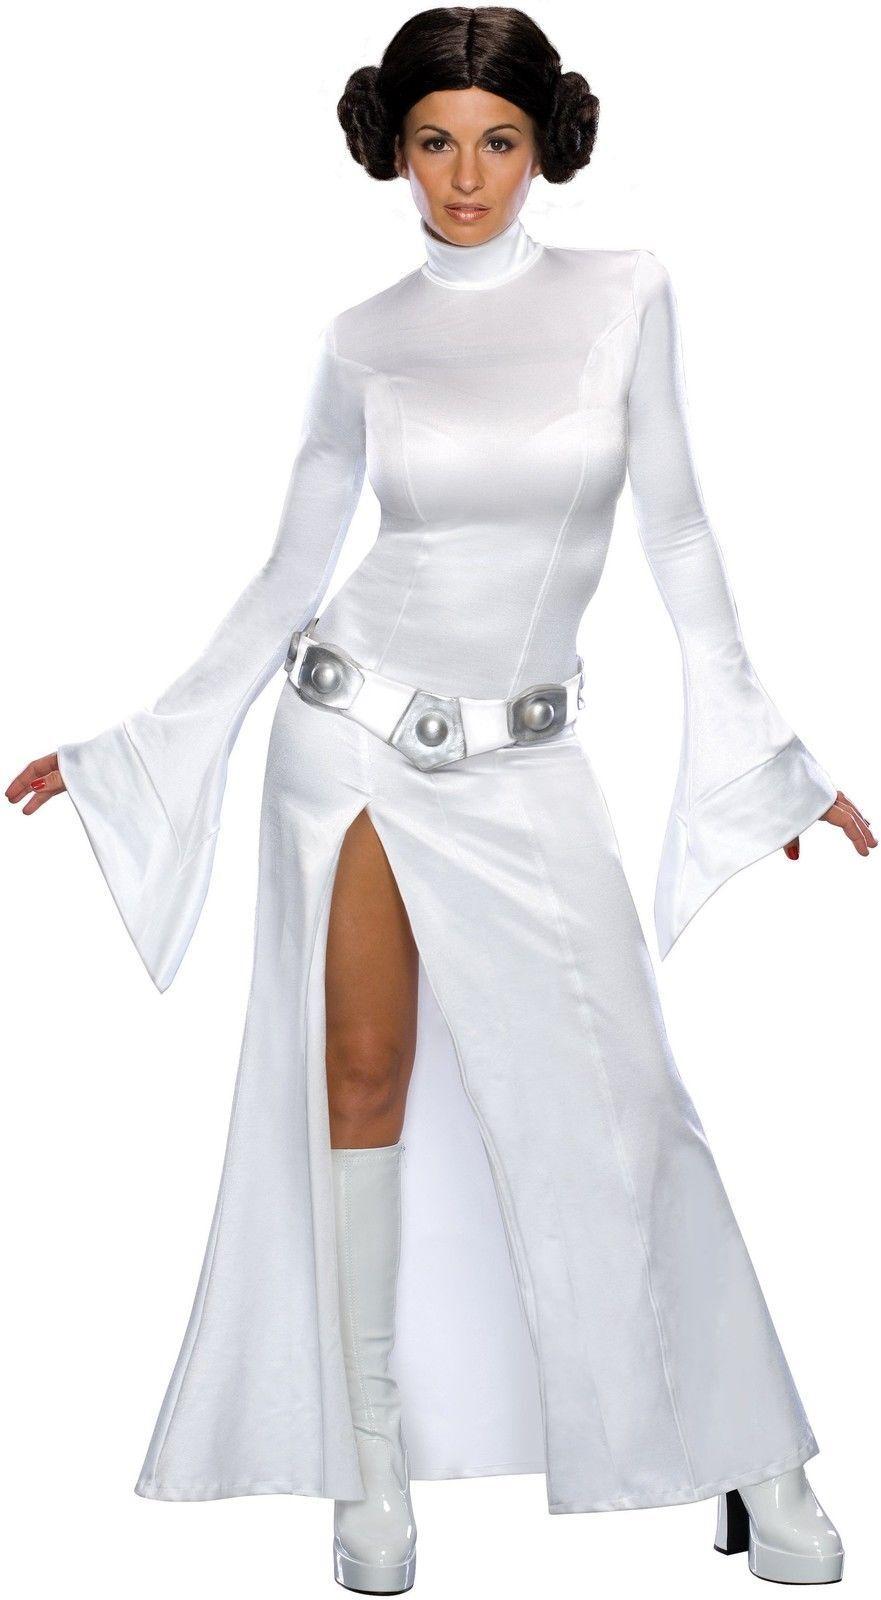 Top 10 Fancy Dress Ideas for Women  eBay